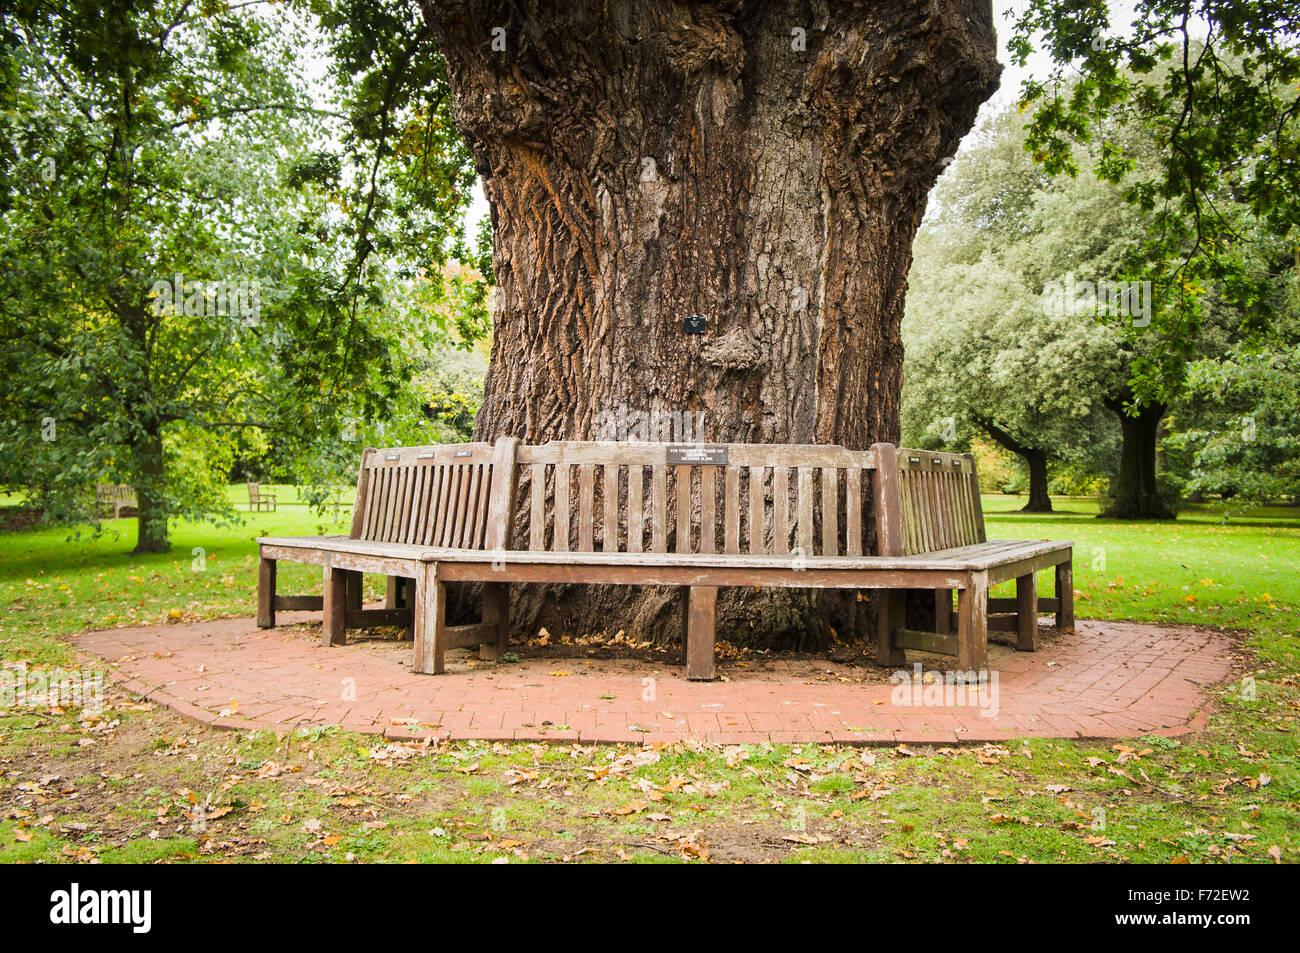 Superb Lockerbie PanAm103 In Rememberance Memorial Benches Round Tree, Kew Gardens